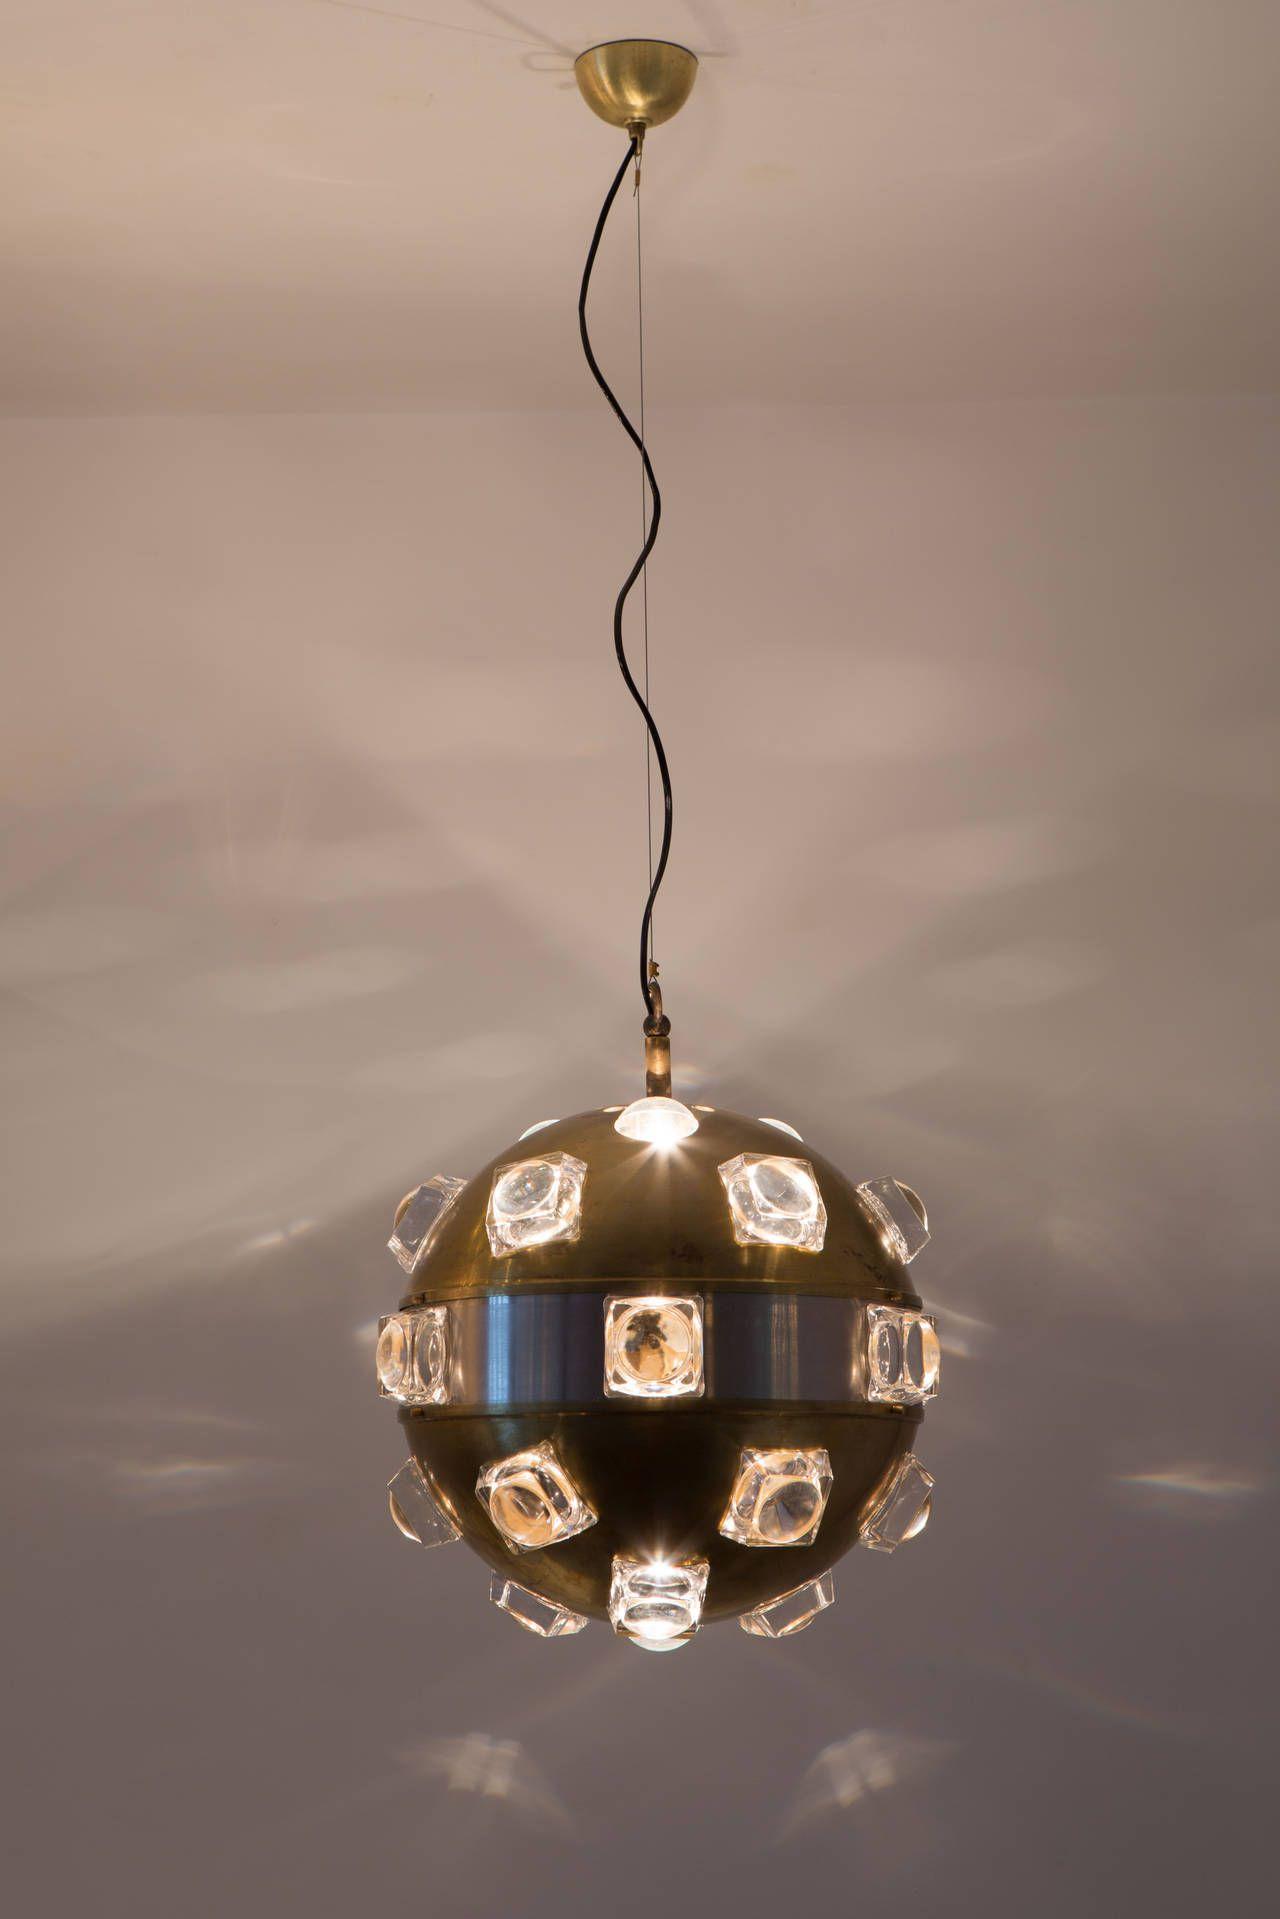 Oscar torlasco pendant chandeliers pendant lighting and pendants